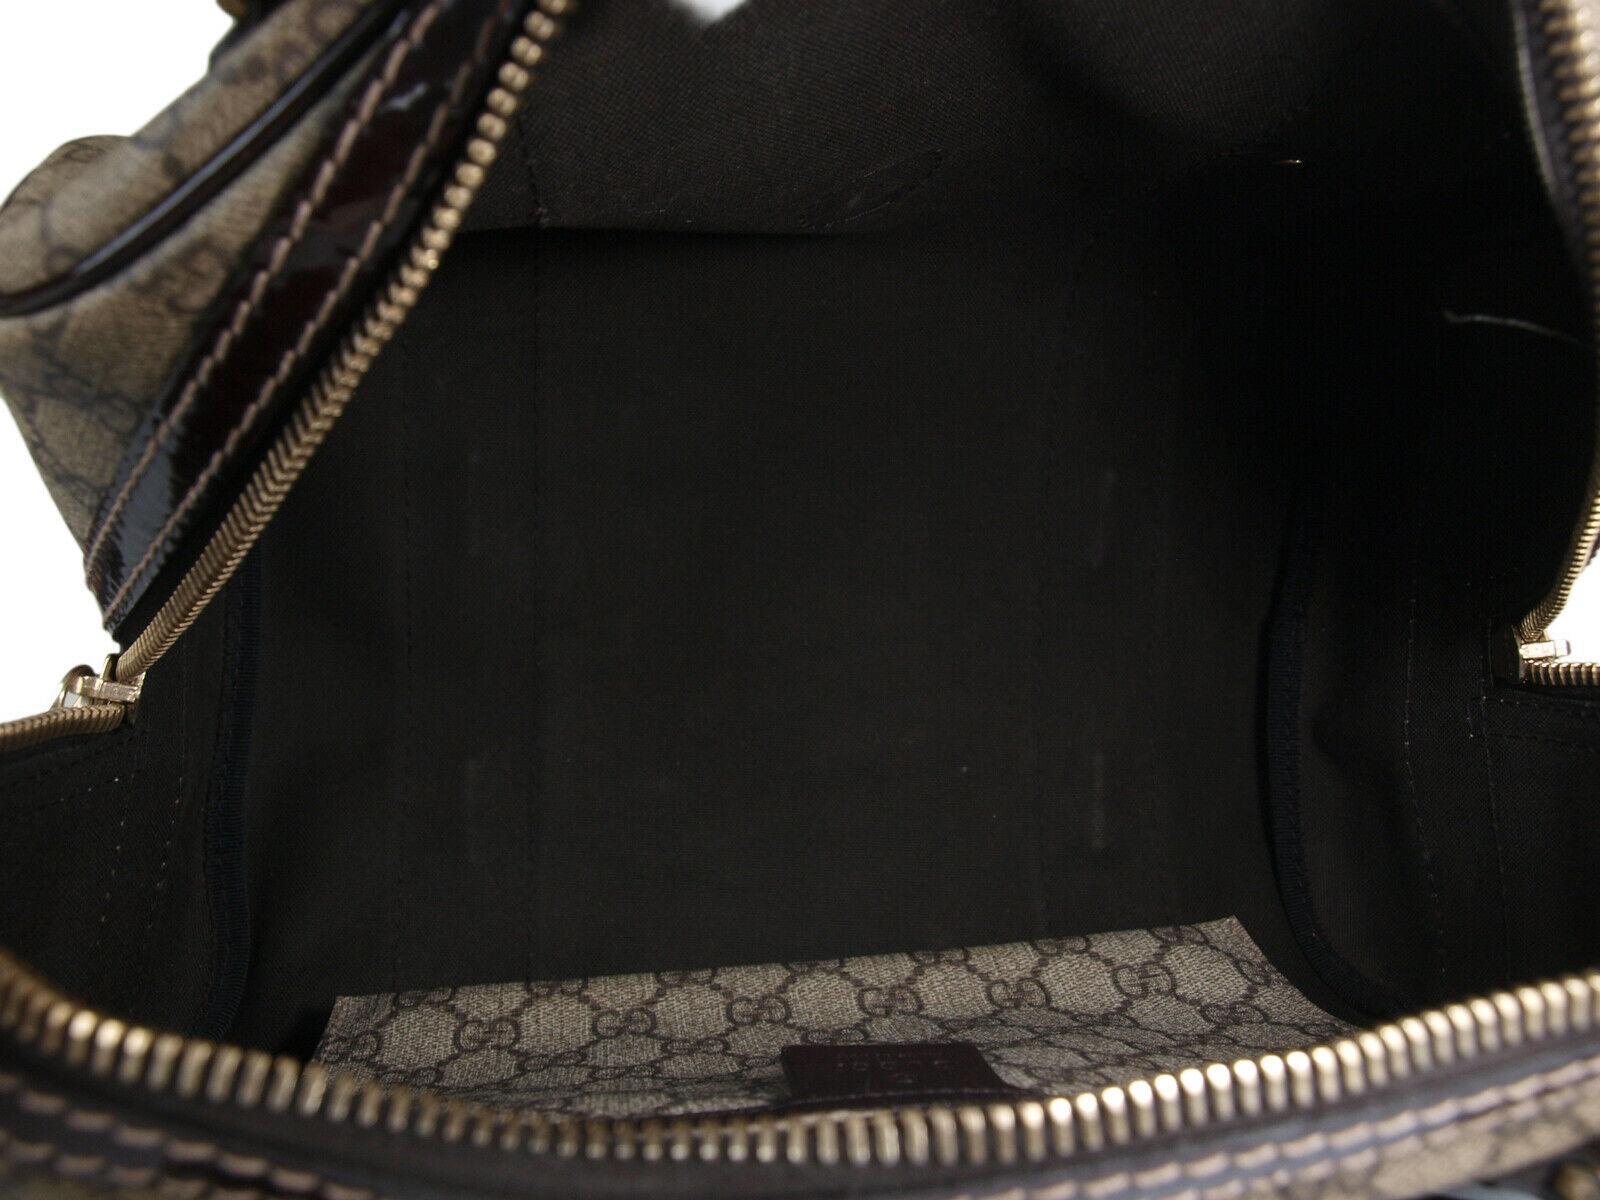 GUCCI GG Web PVC Canvas Patent Leather Browns Shoulder Bag GS2242 image 8